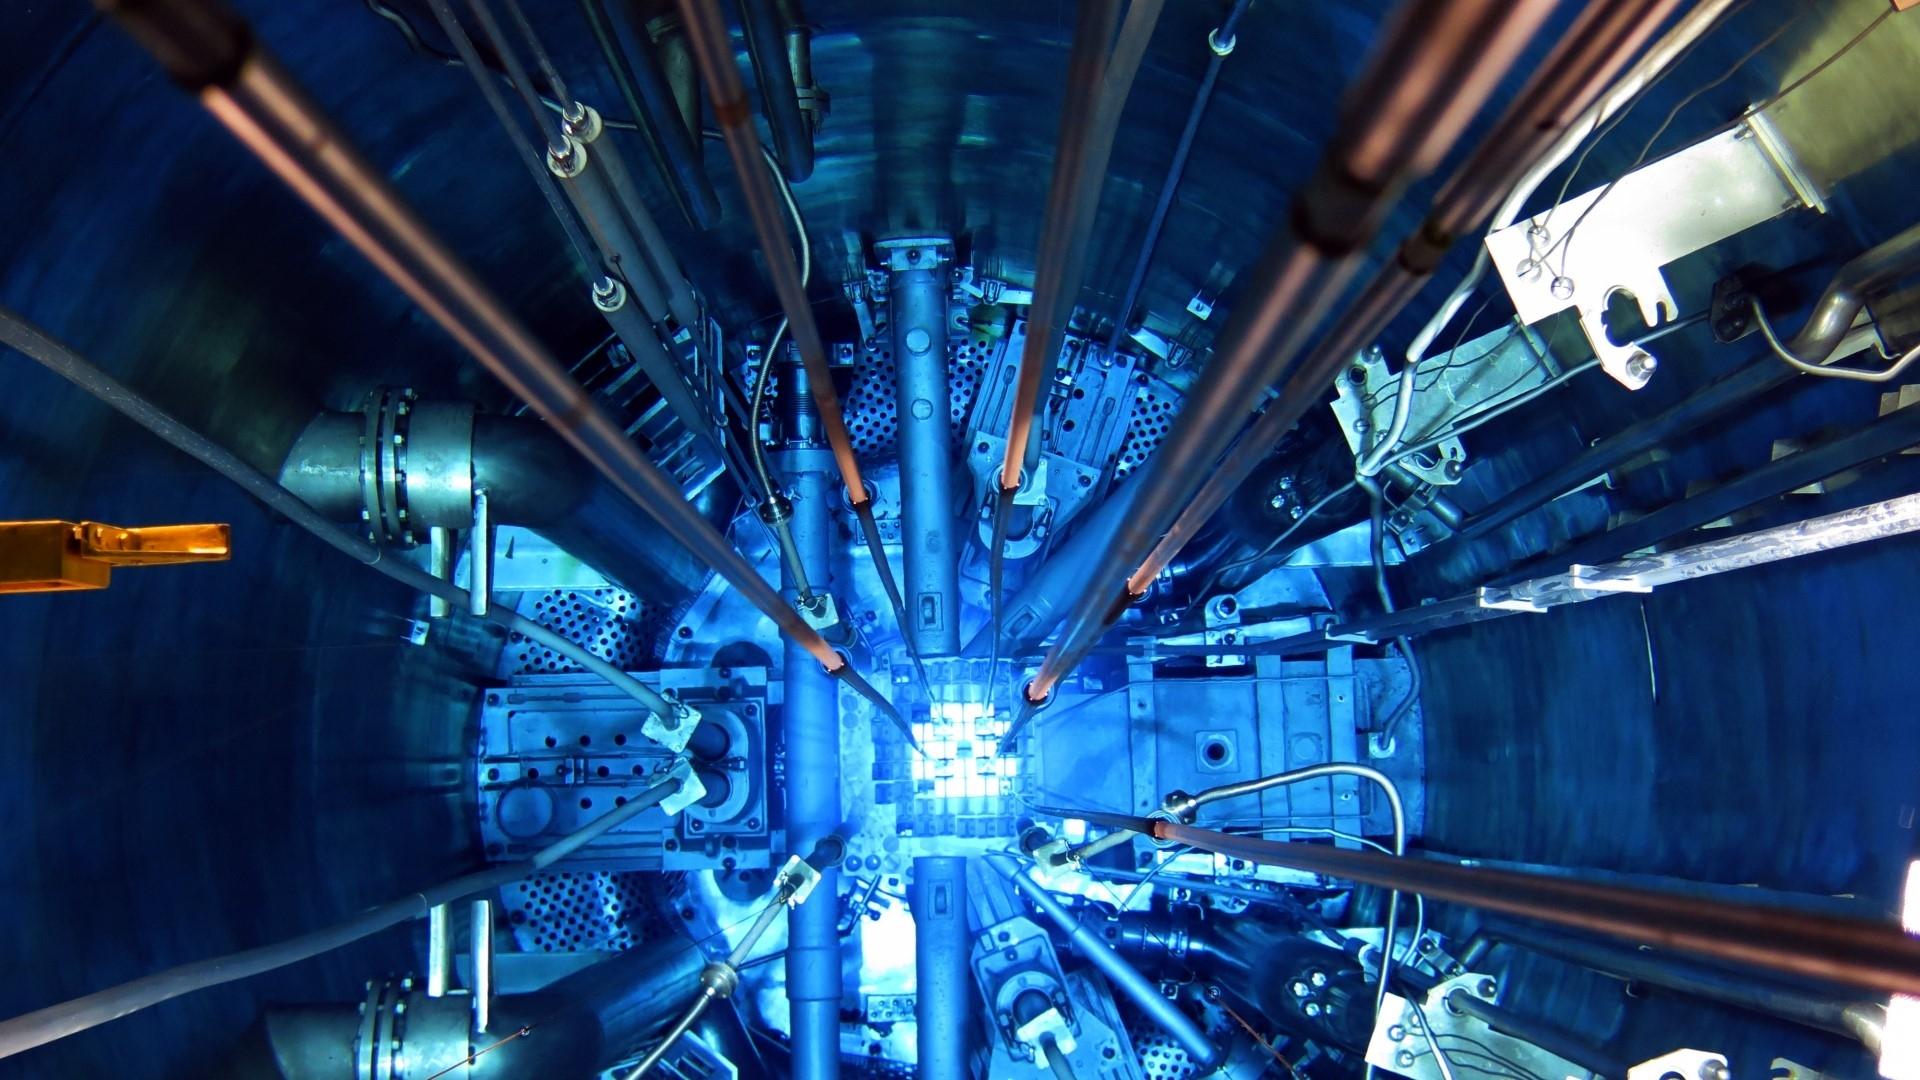 Desarrollo de la infraestructura nuclear para aprovechar los beneficios de los reactores de investigación